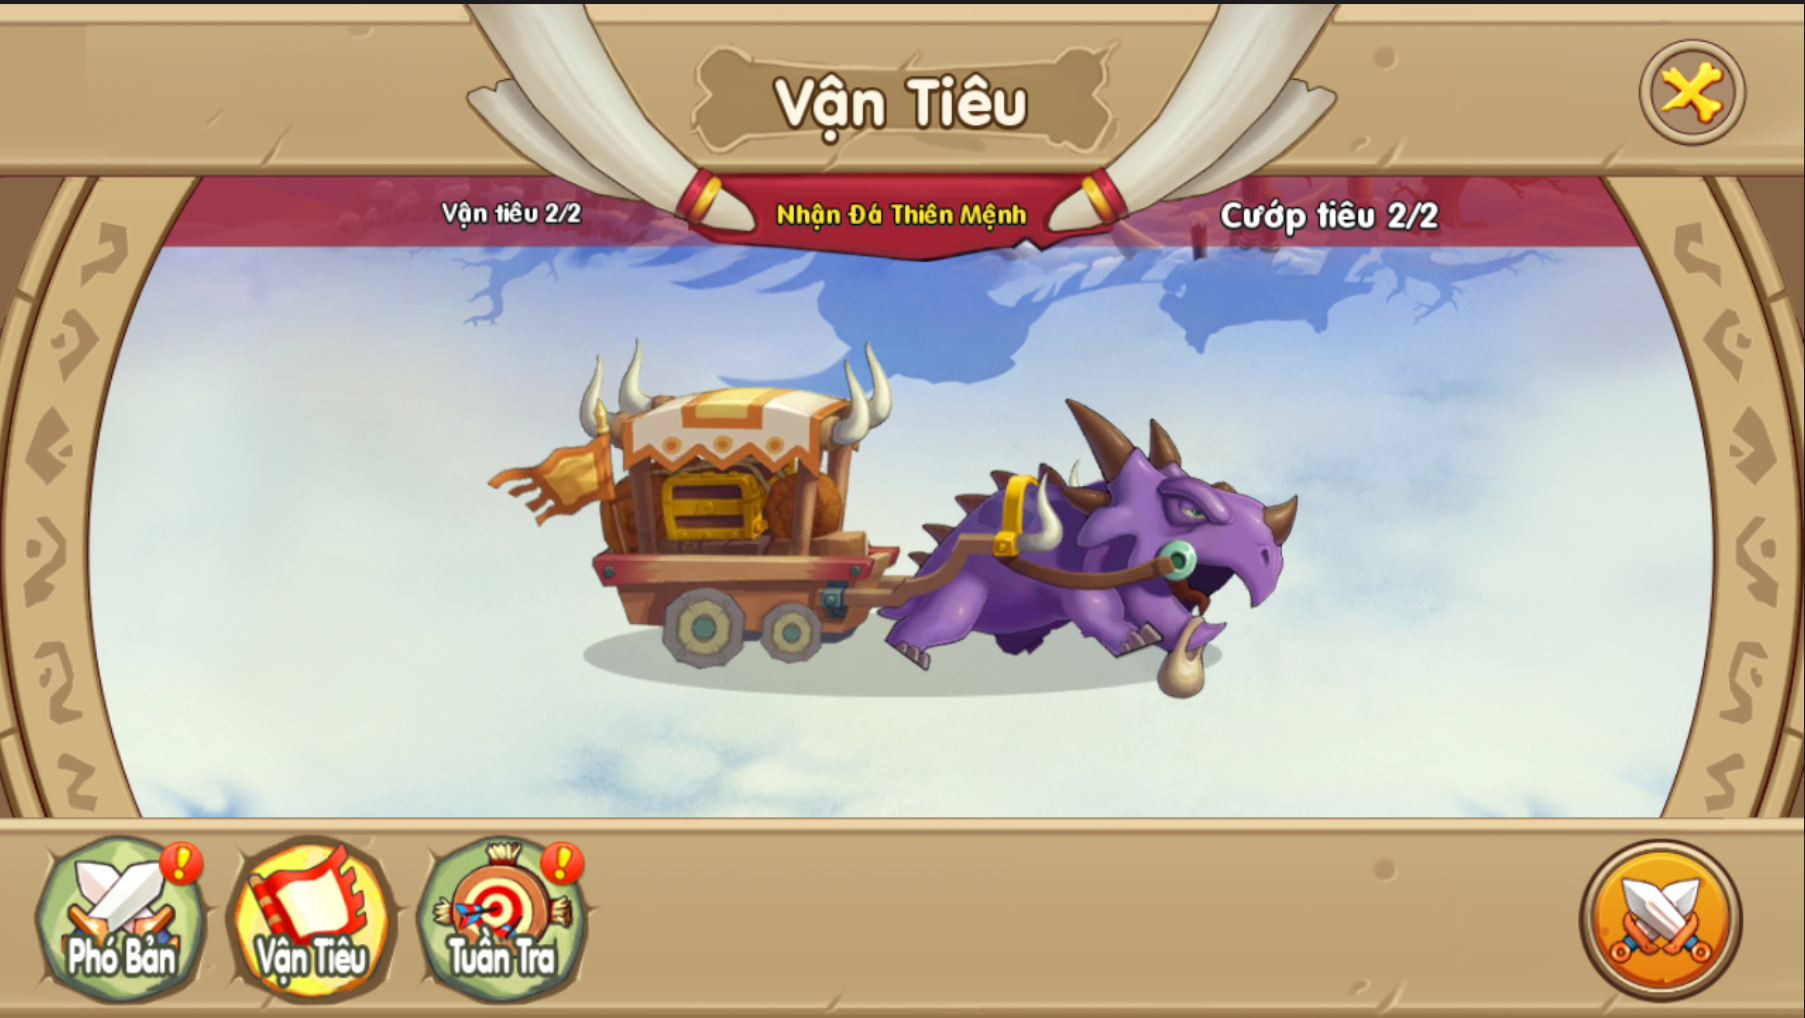 Cướp tiêu là một trong các hoạt động thu hút người chơi của Huấn Long VNG